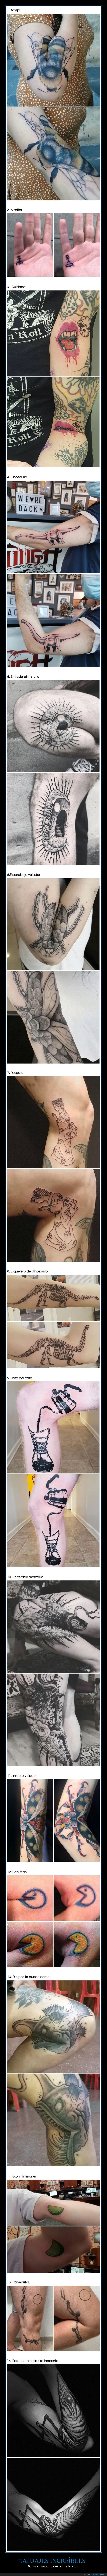 cuerpo,interactuar,moviemientos,tatuajes